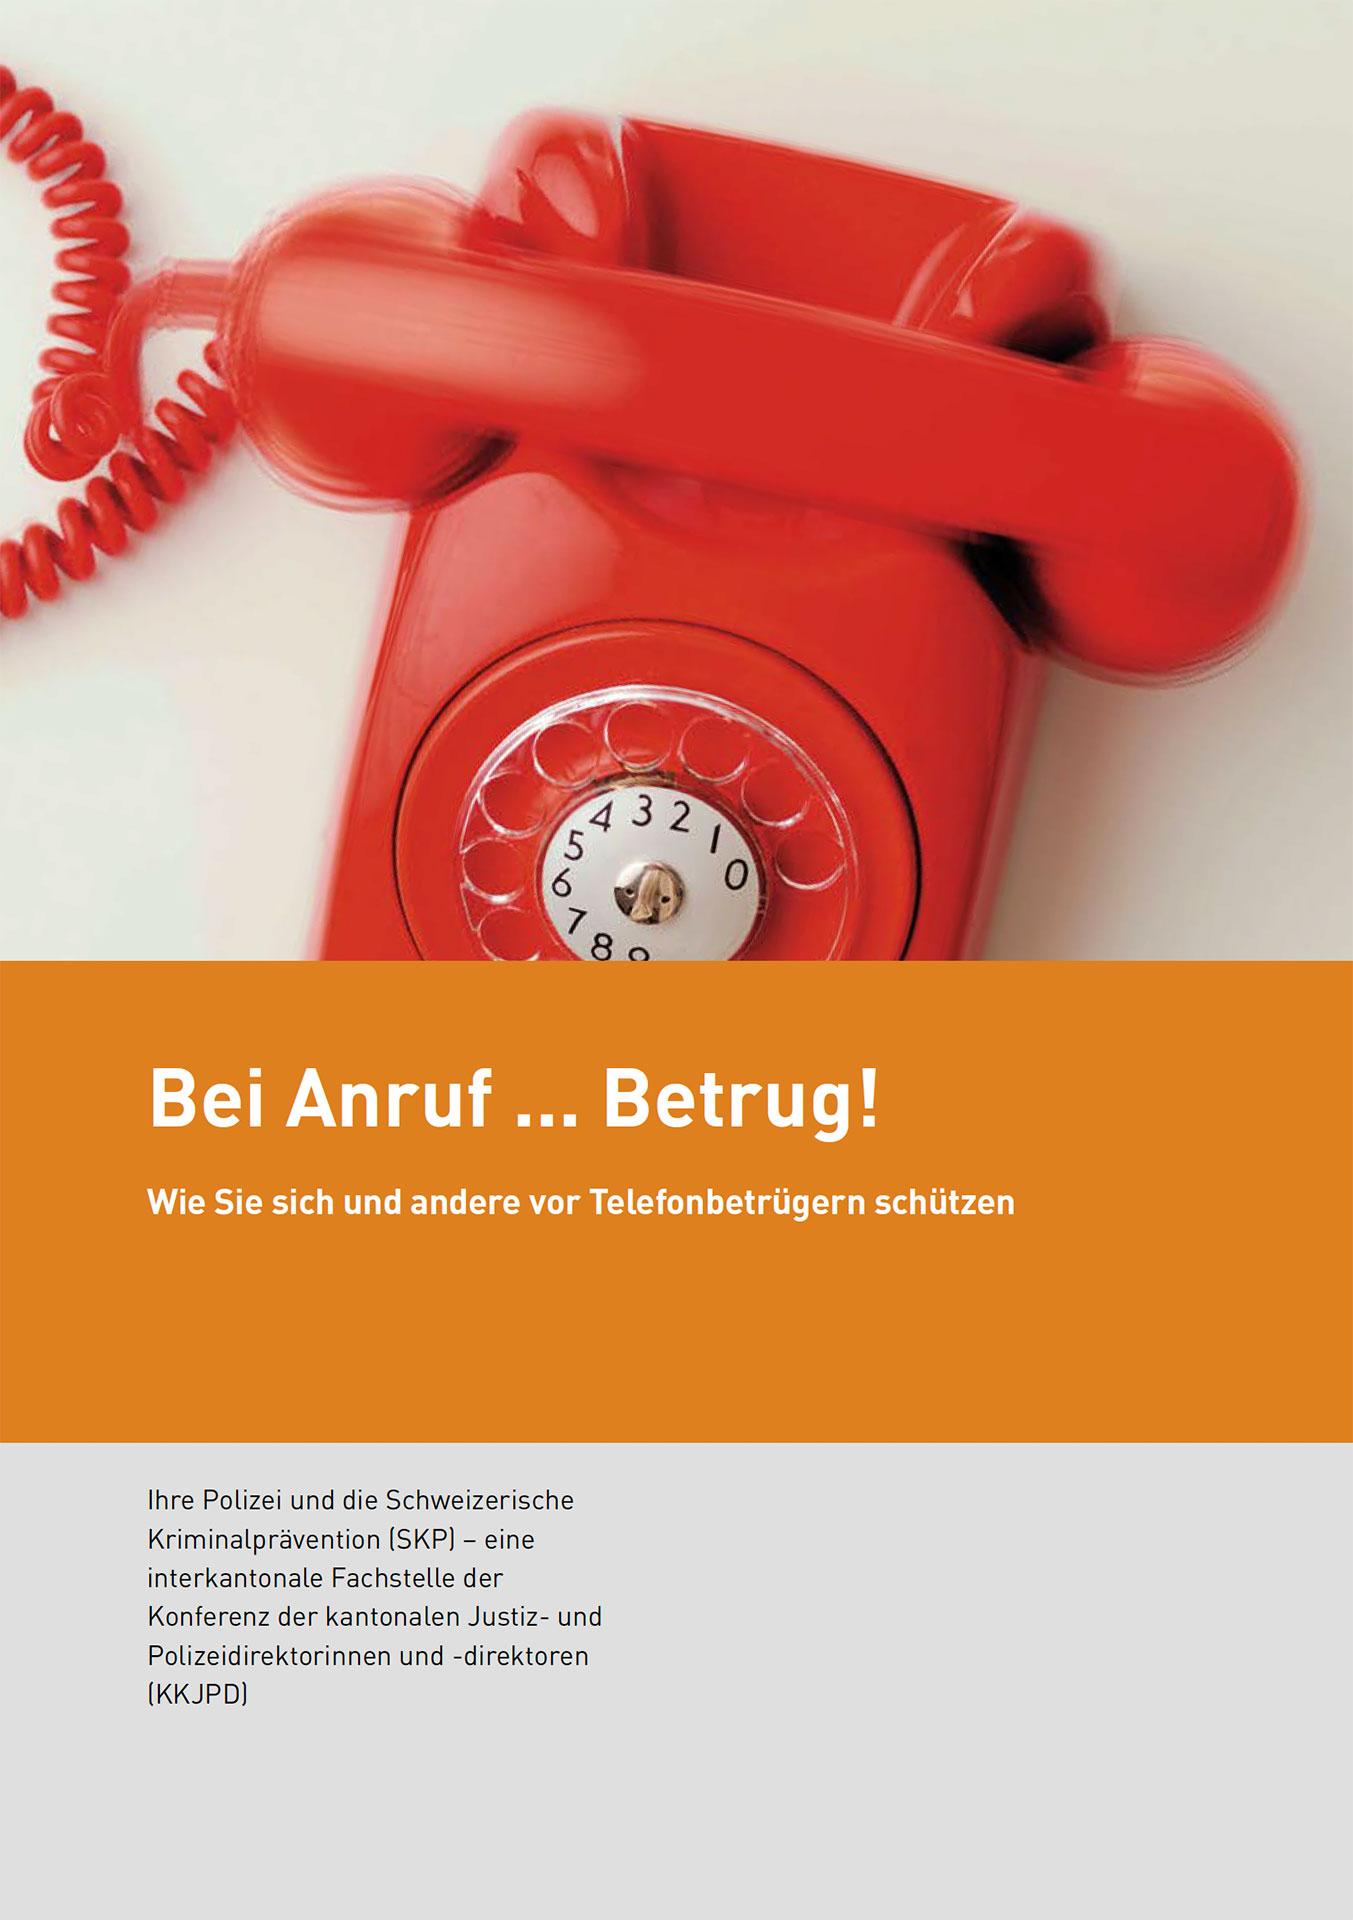 Bei Anruf ... Betrug!